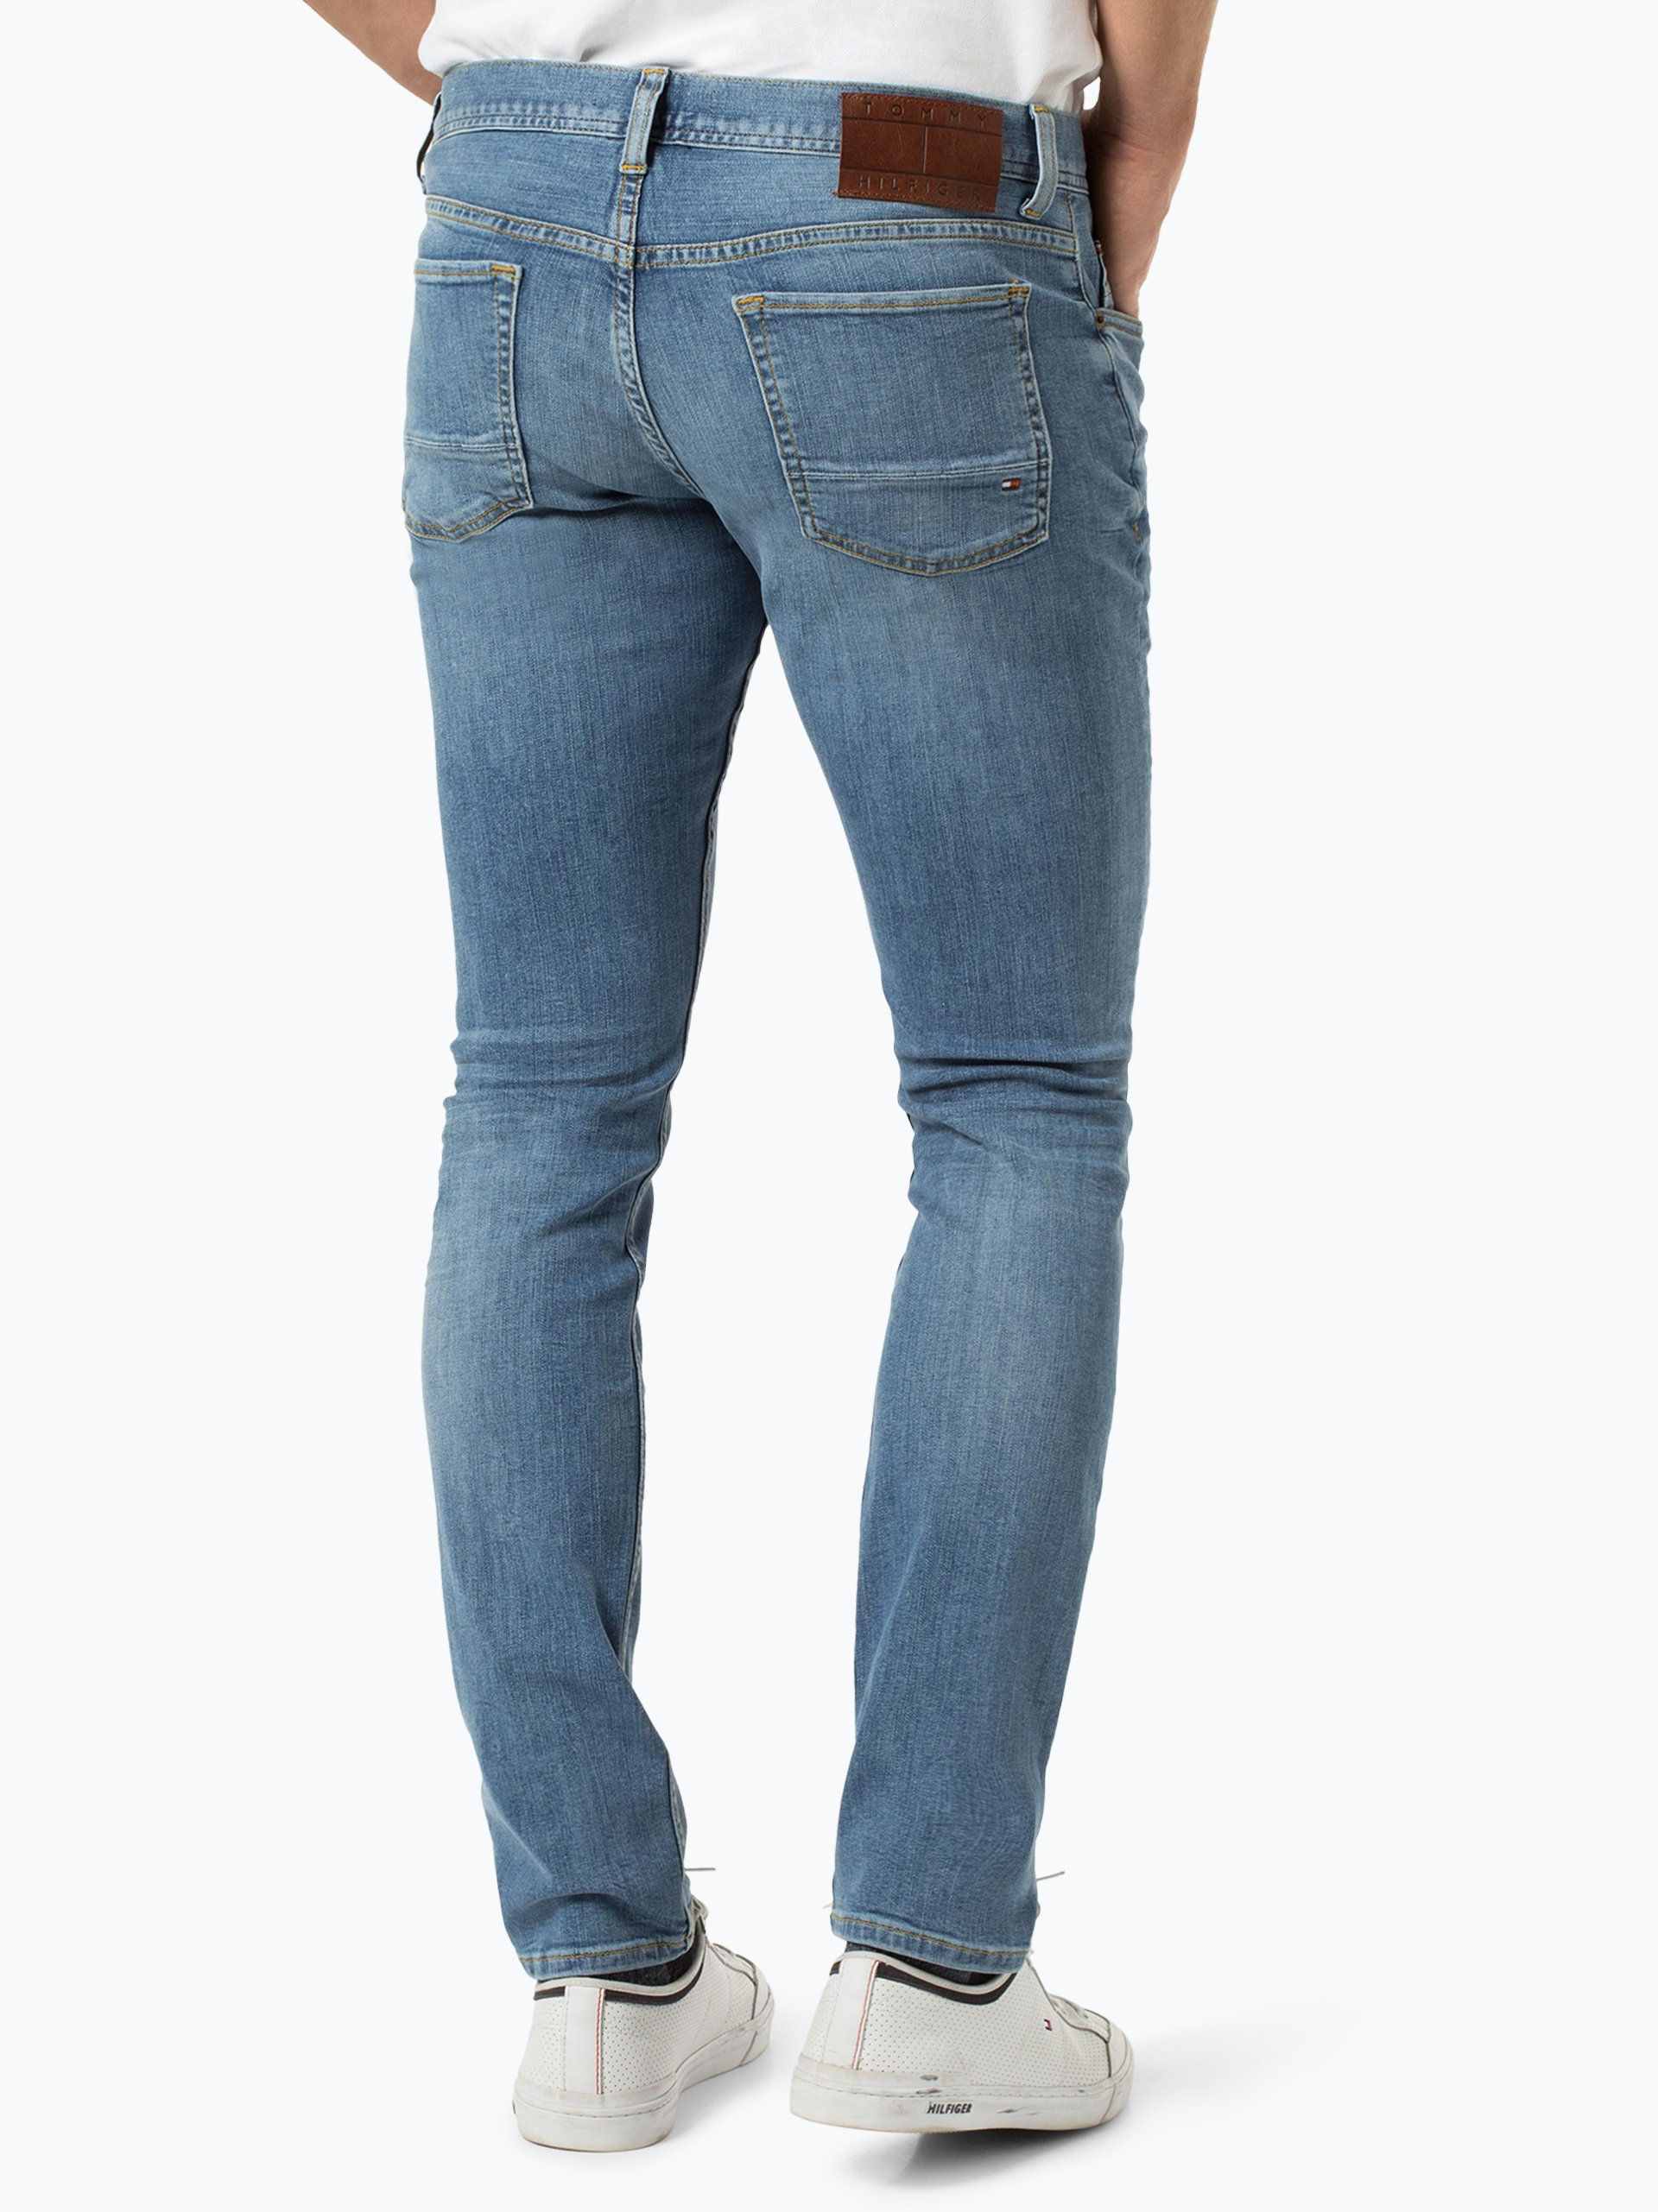 Tommy Hilfiger Herren Jeans - Layton